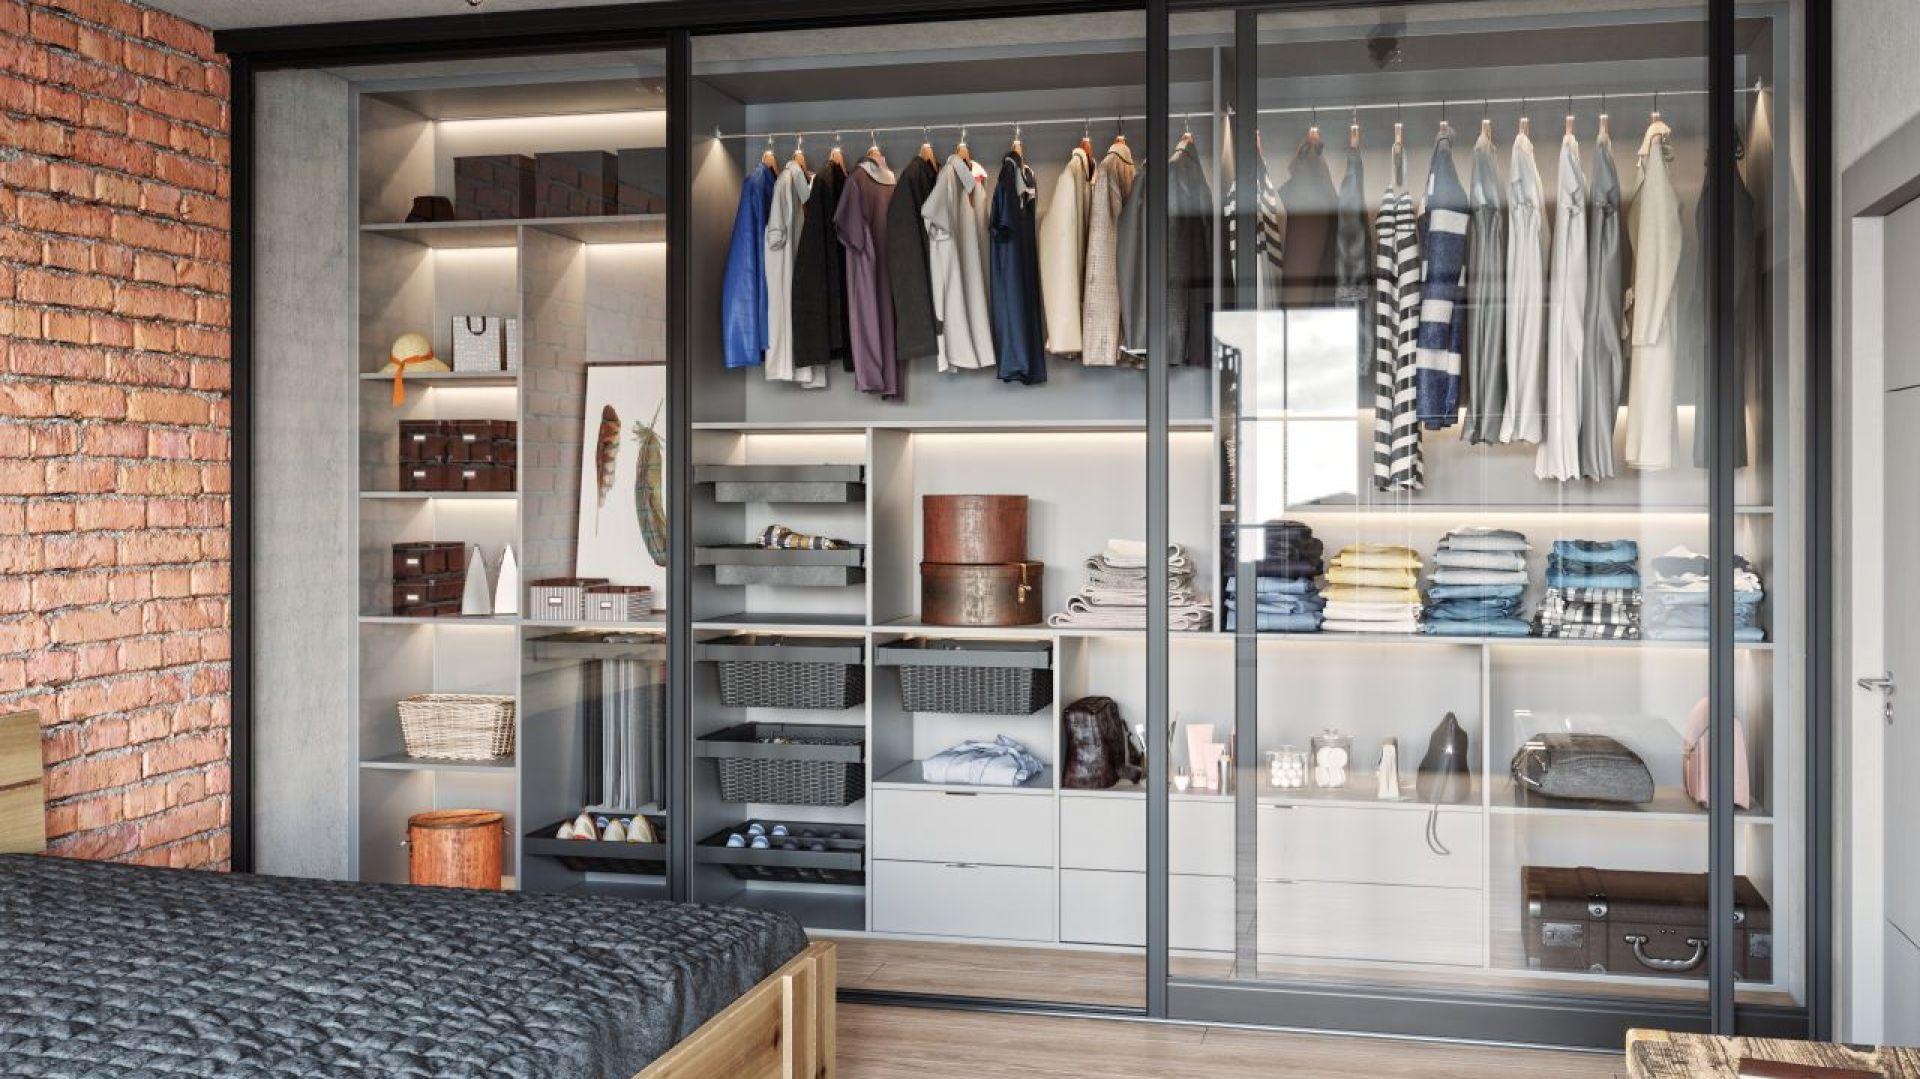 Coraz większym uznaniem wśród konsumentów będzie cieszył się styl włoskiego modernizmu. Minimalistyczny maksymalizm nawiązujący do mediolańskiego designu z lat 50. XX wieku z pewnością dedykowany jest osobom lubiącym odważne wnętrza, nieoczywiste połączenia i kombinacje oraz niekonwencjonalne zestawienie wzorów. Fot. GTV